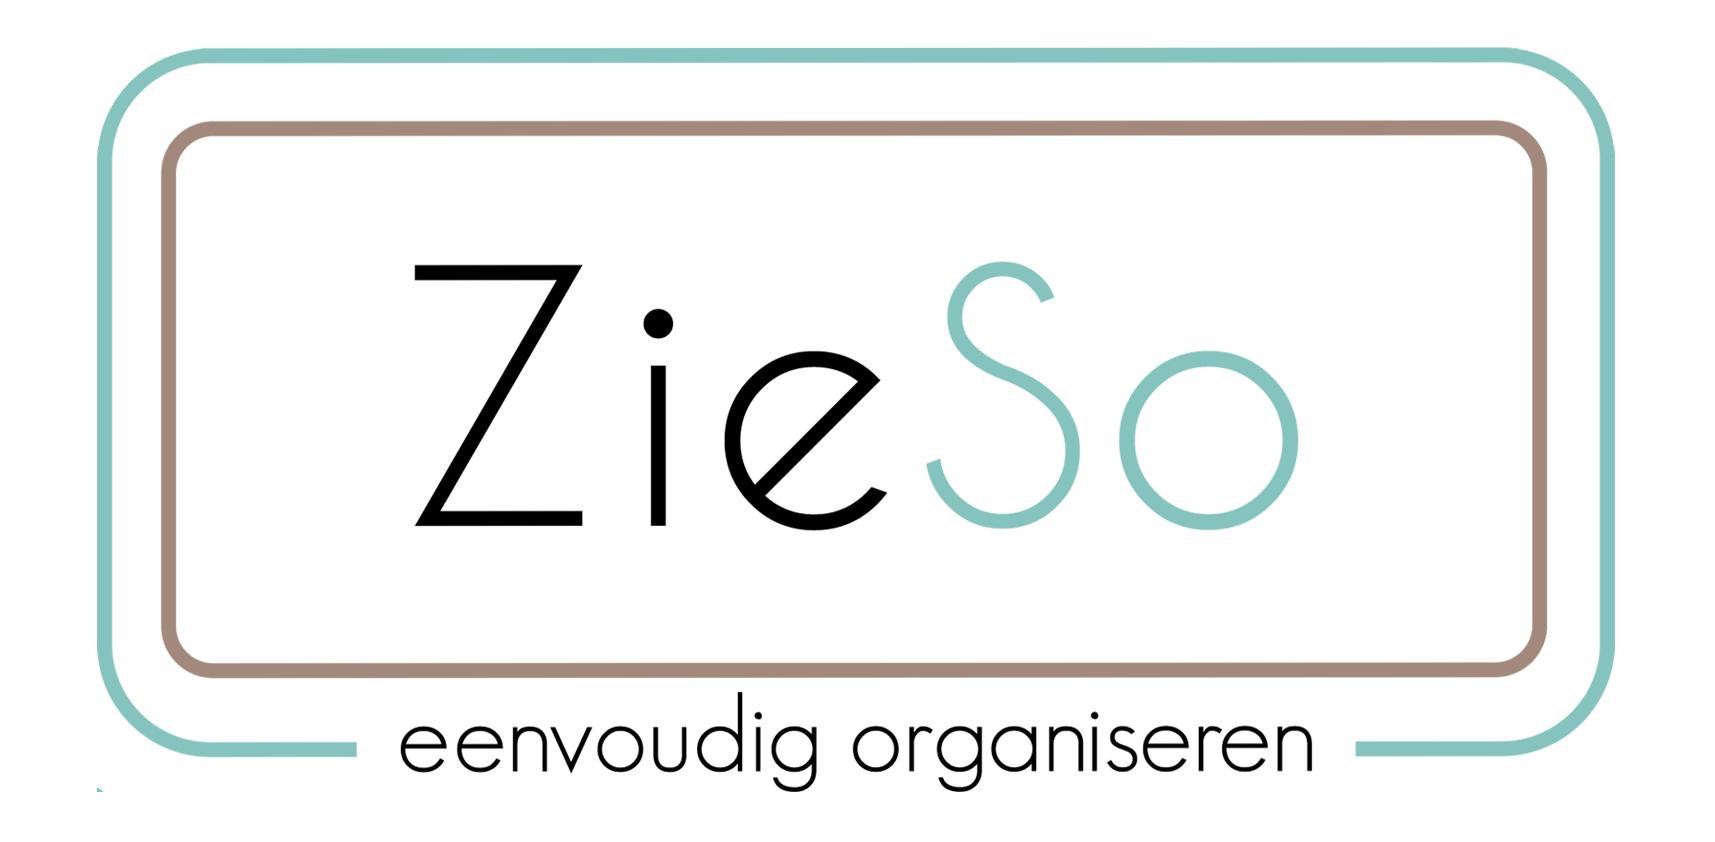 logo-zieso-eenvoudig-organiseren